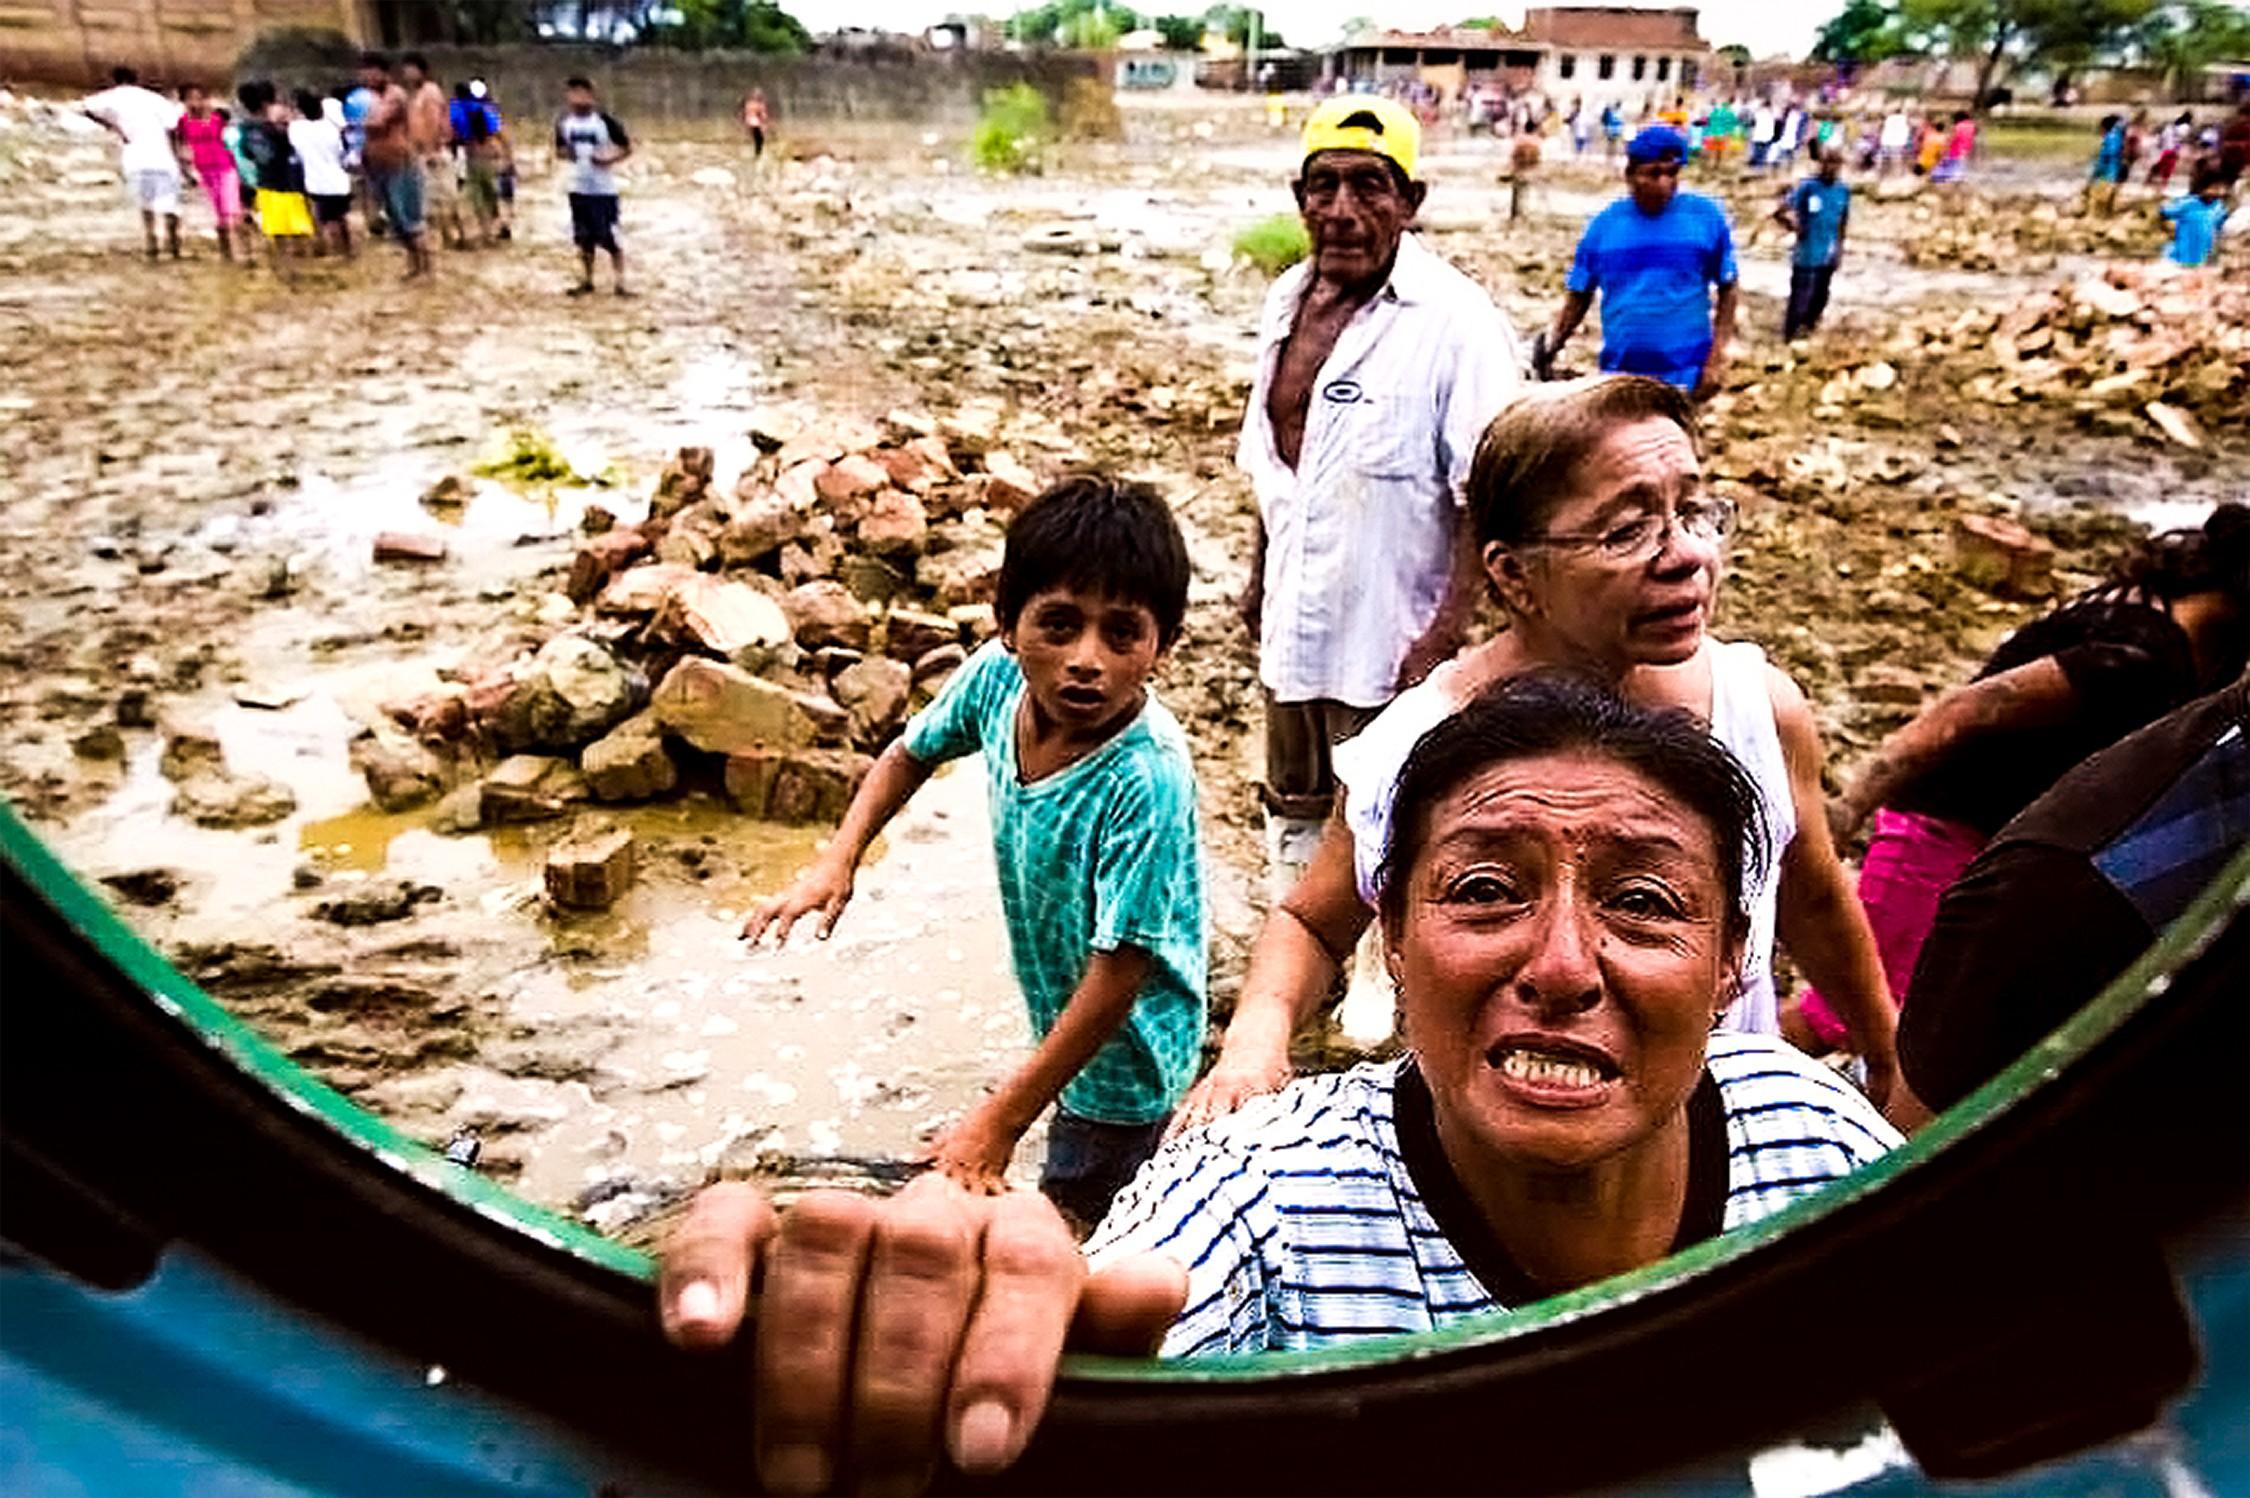 Mujeres y niños, los más expuestos a la violencia en tiempo de desastres